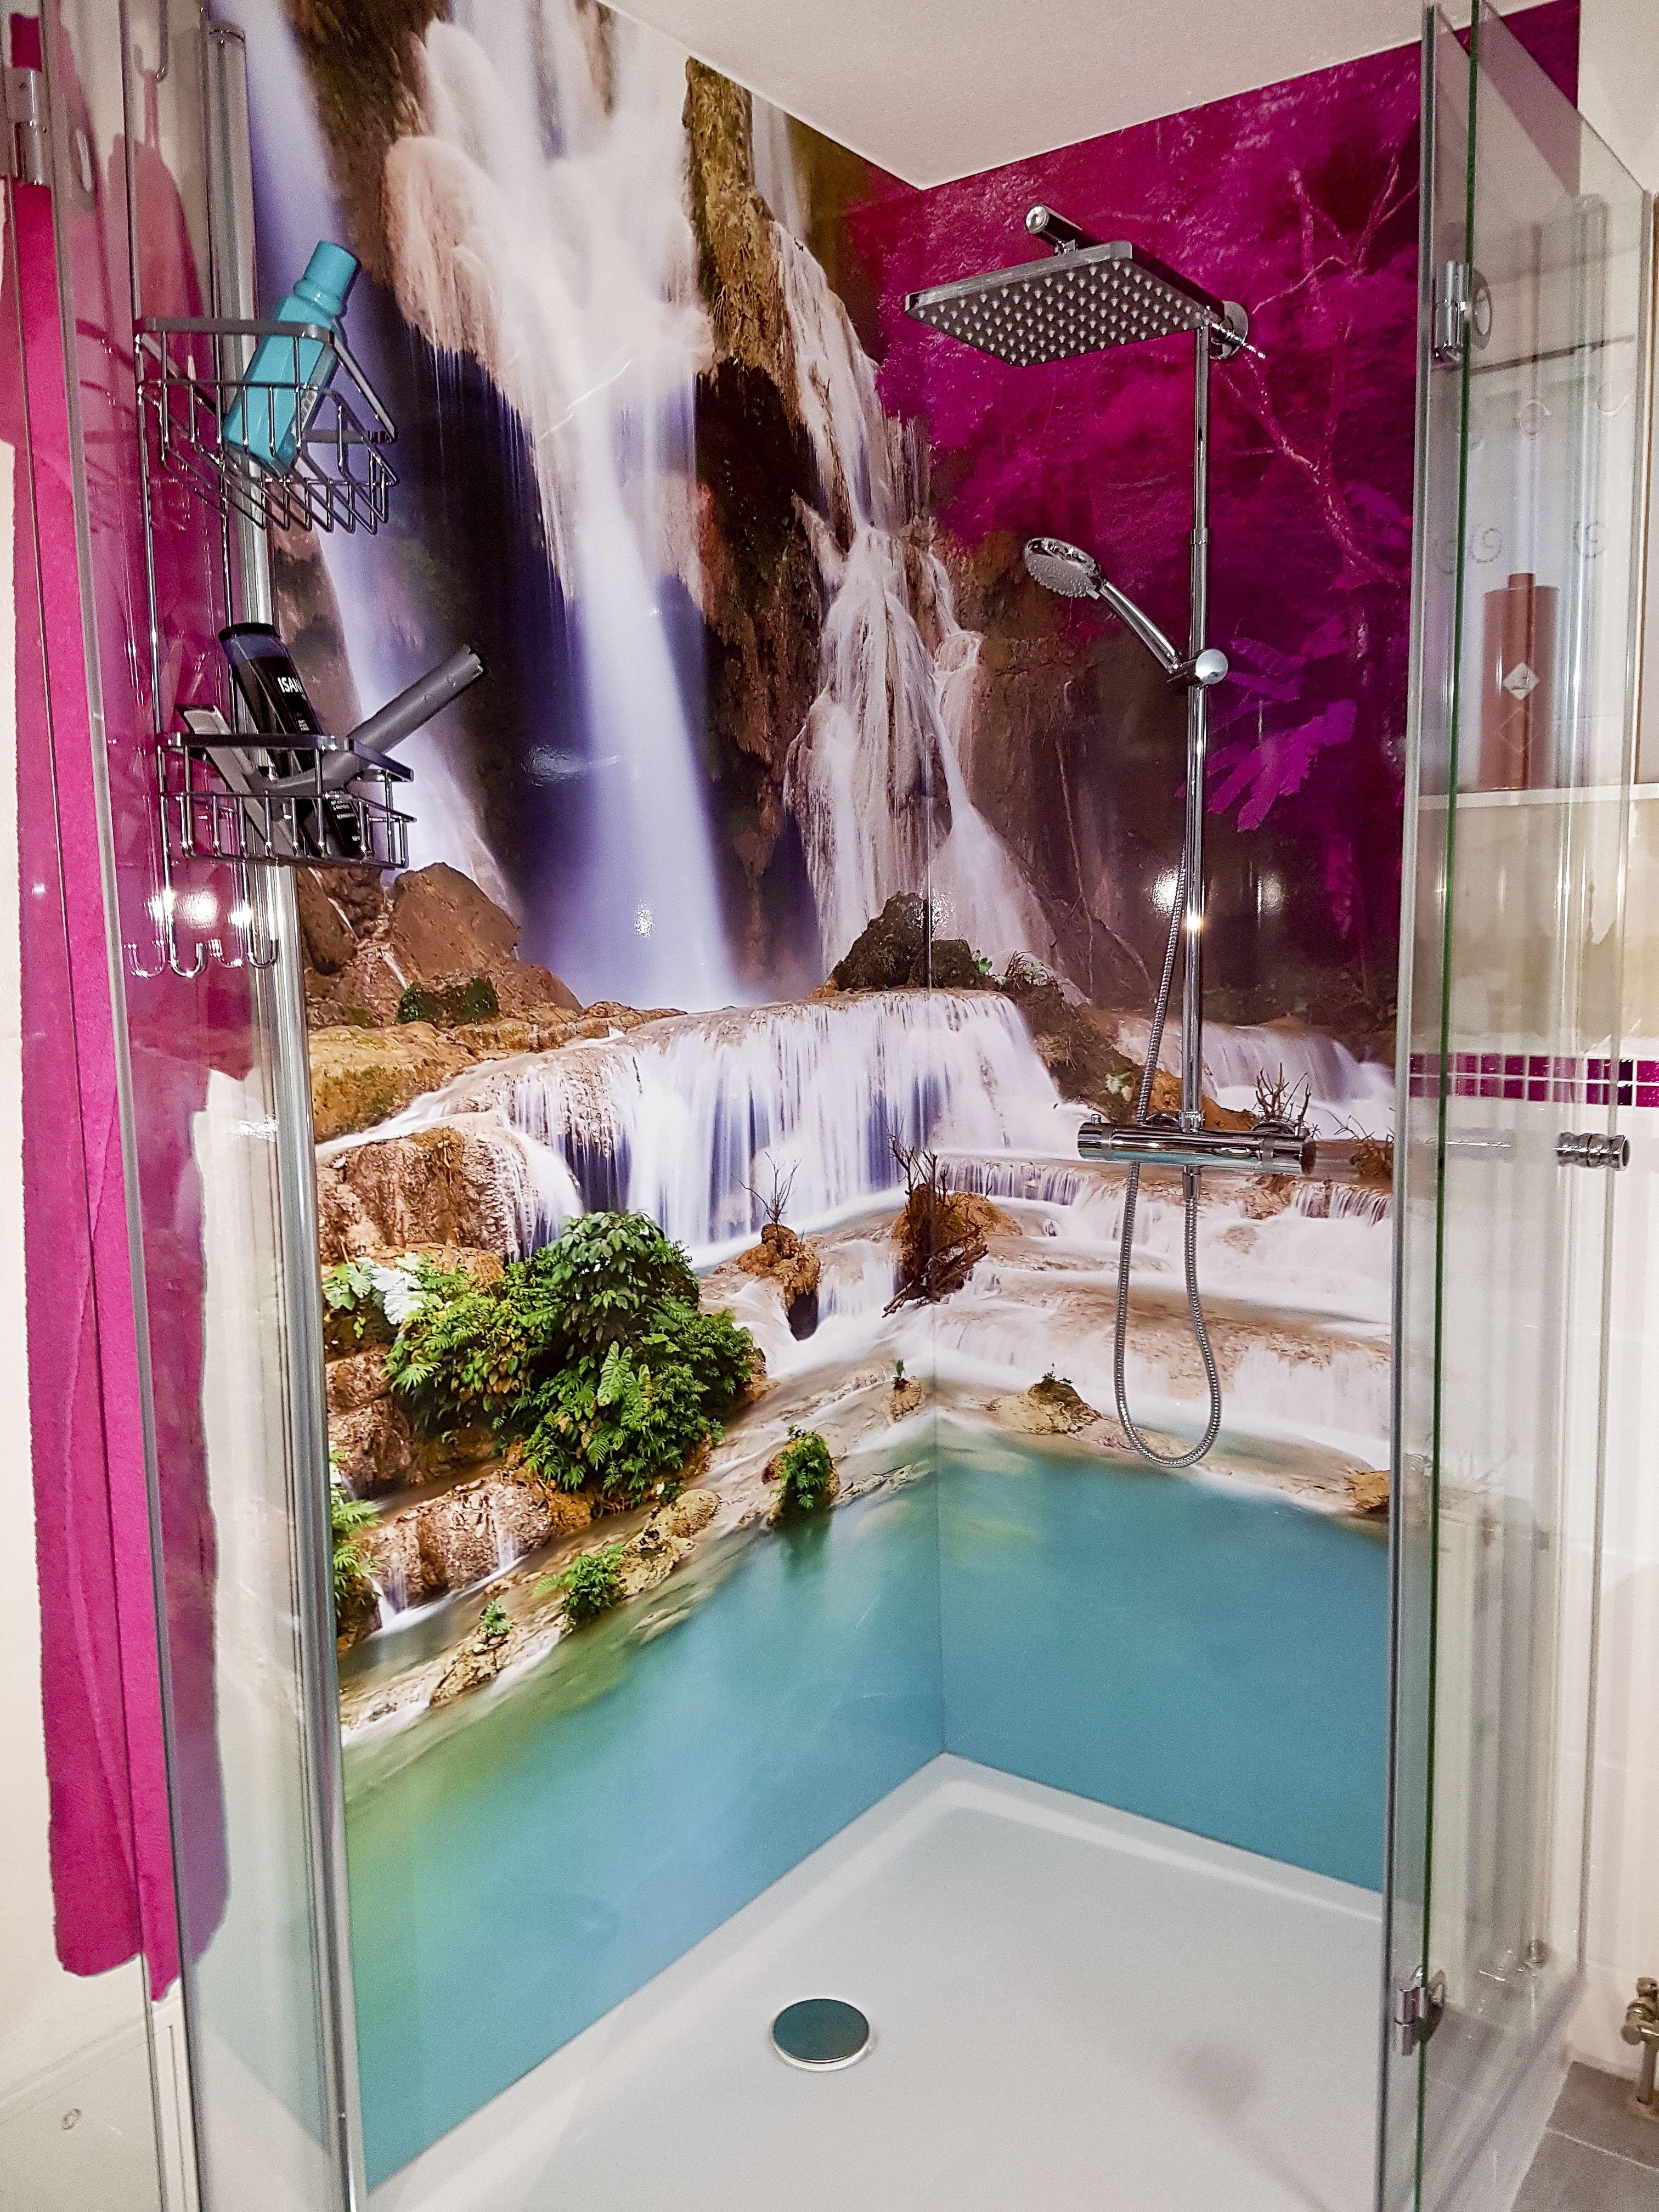 Kundenfeedback Von Einer Frisch Angebrachten Duschruckwand Ein Bild Spricht Mehr Als 1000 Duschruckwand Duschen Bad Duschruckwand Dusche Ruckwand